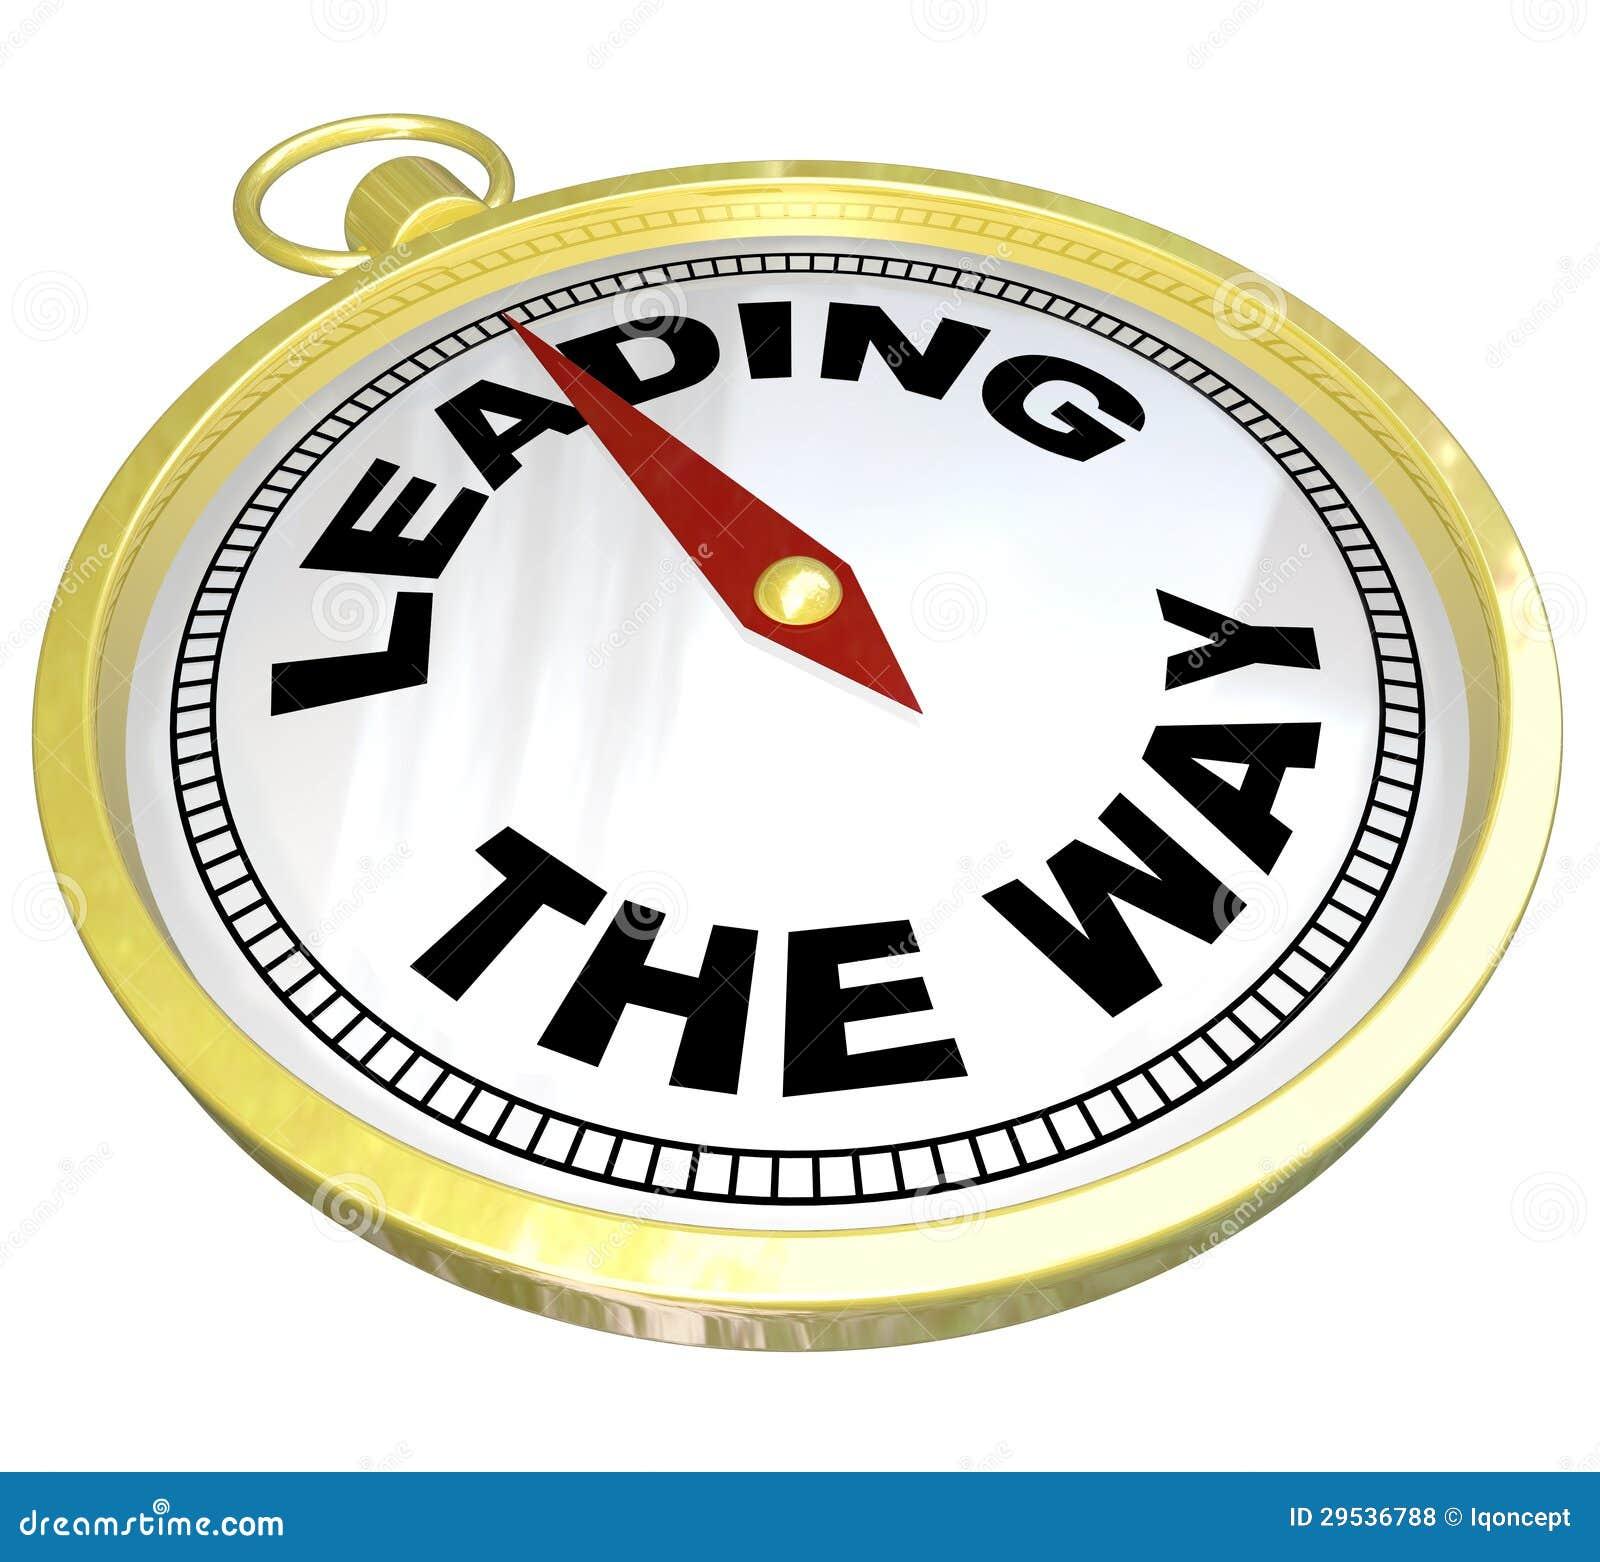 Compasso - conduzindo a maneira com liderança do grupo